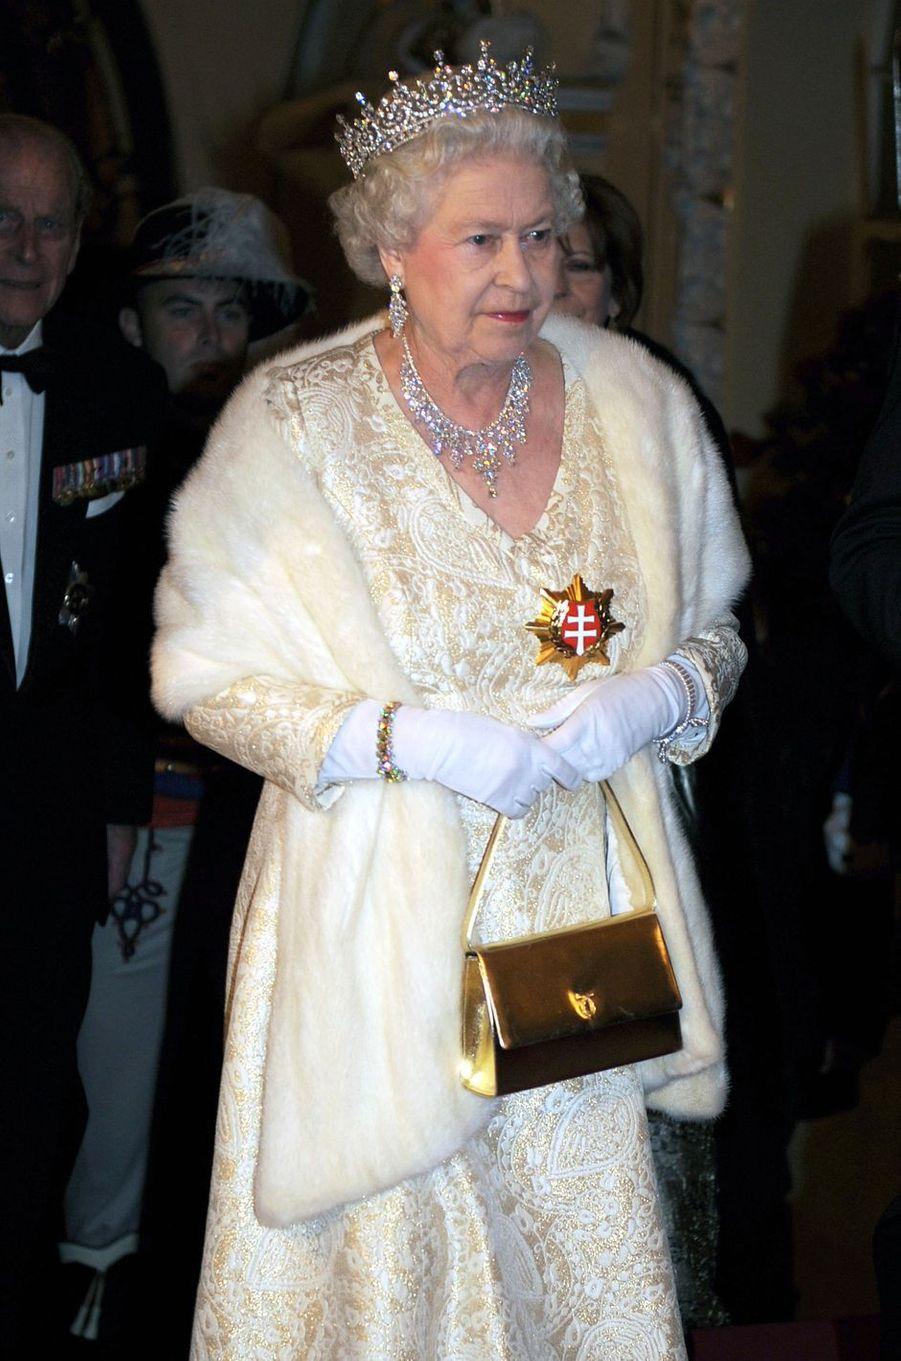 La reine Elizabeth II avec un sac Launer, le 24 octobre 2008